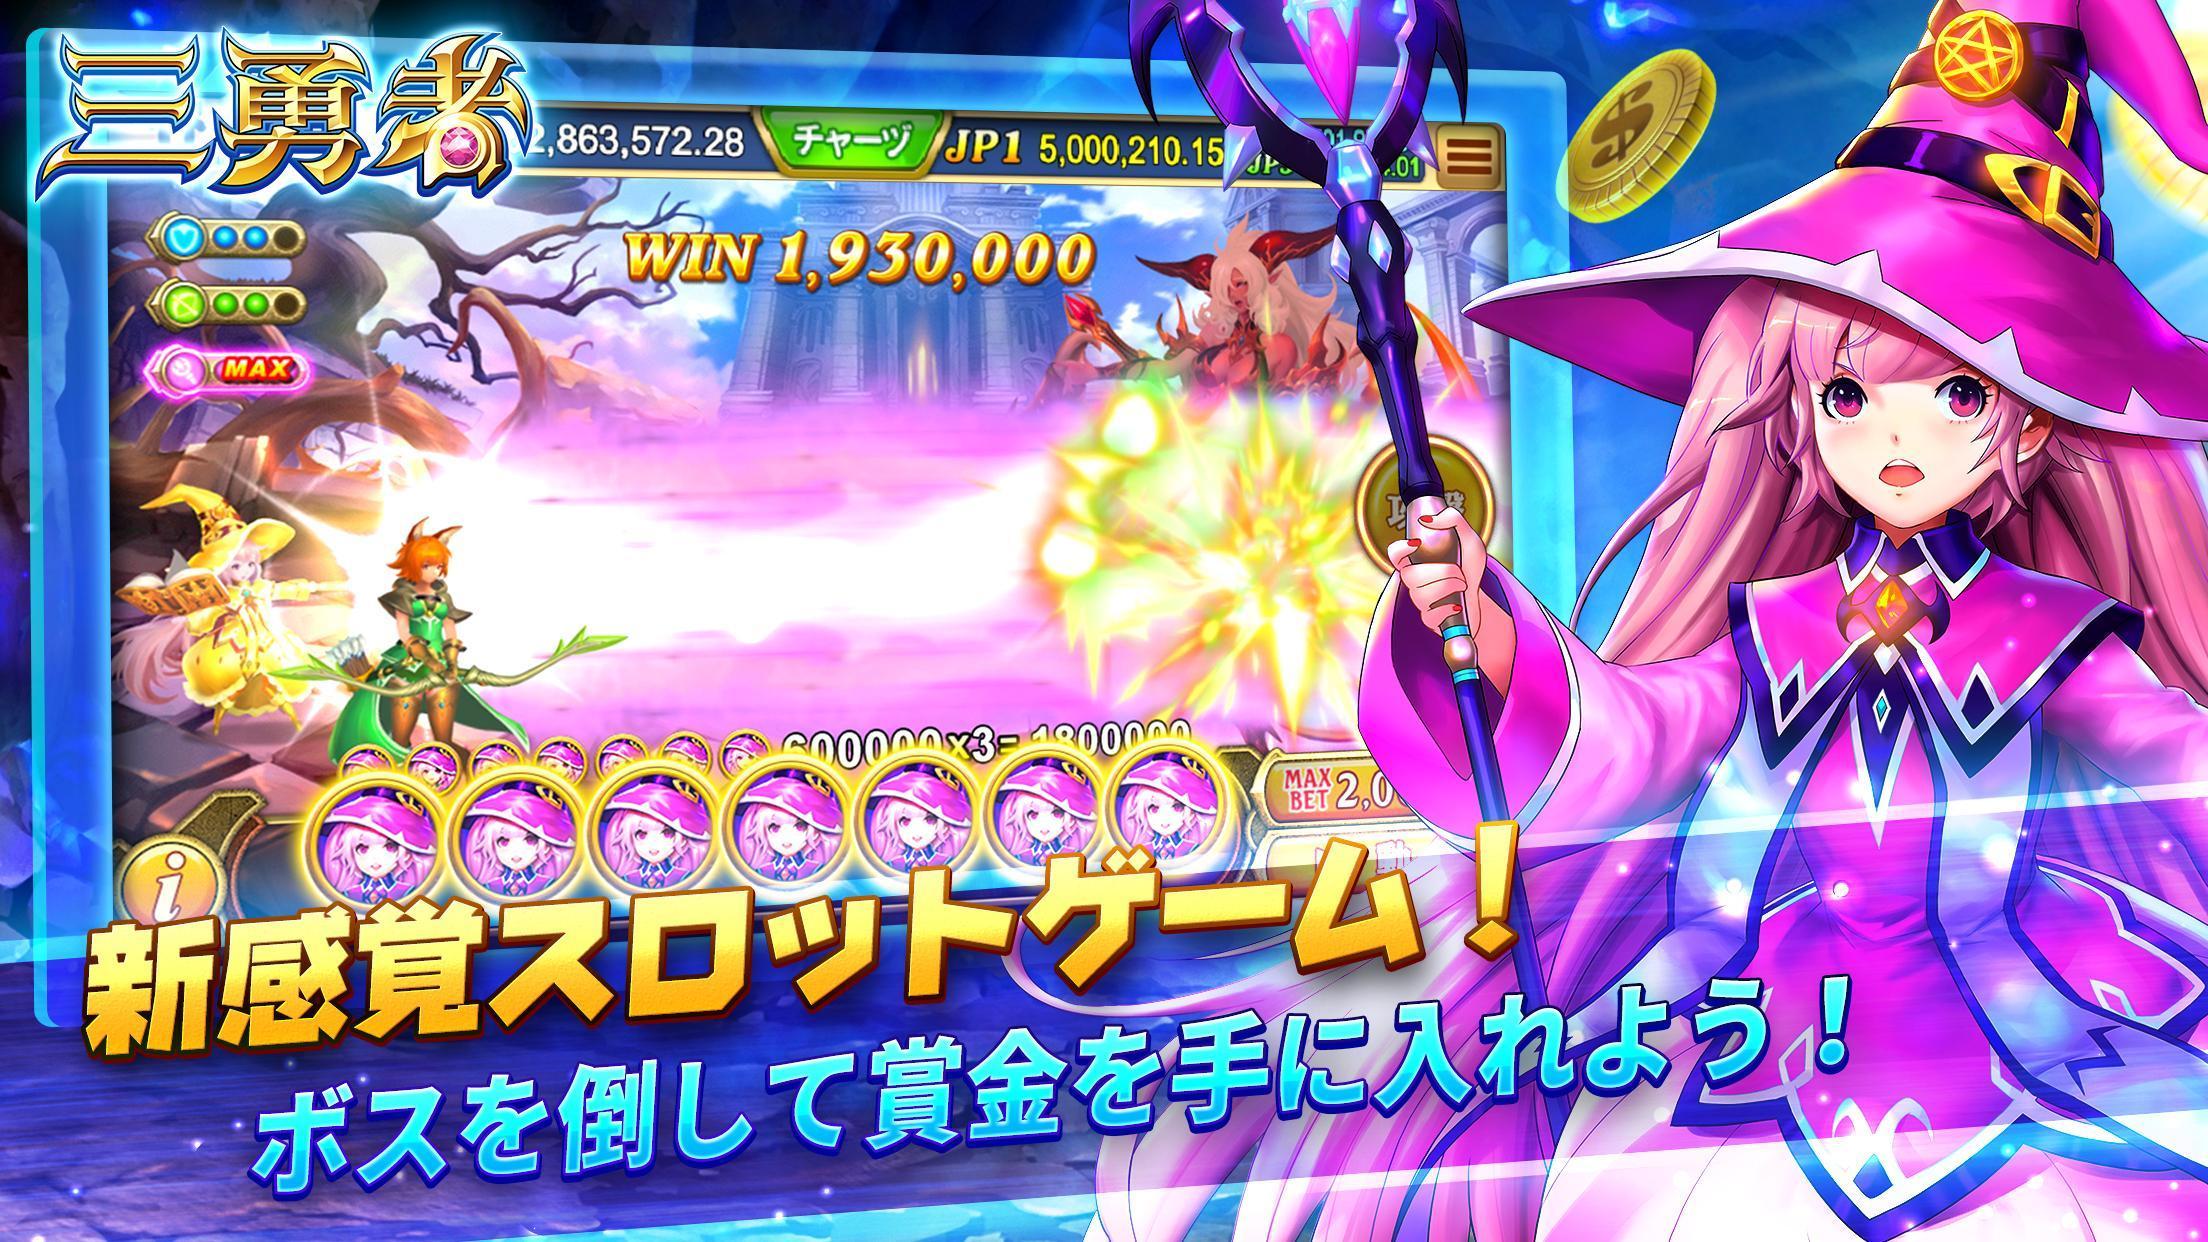 スーパーラッキーカジノ ~ オーシャンモンスター、スロット、サイコロ、ポーカー 3.14.1 Screenshot 5